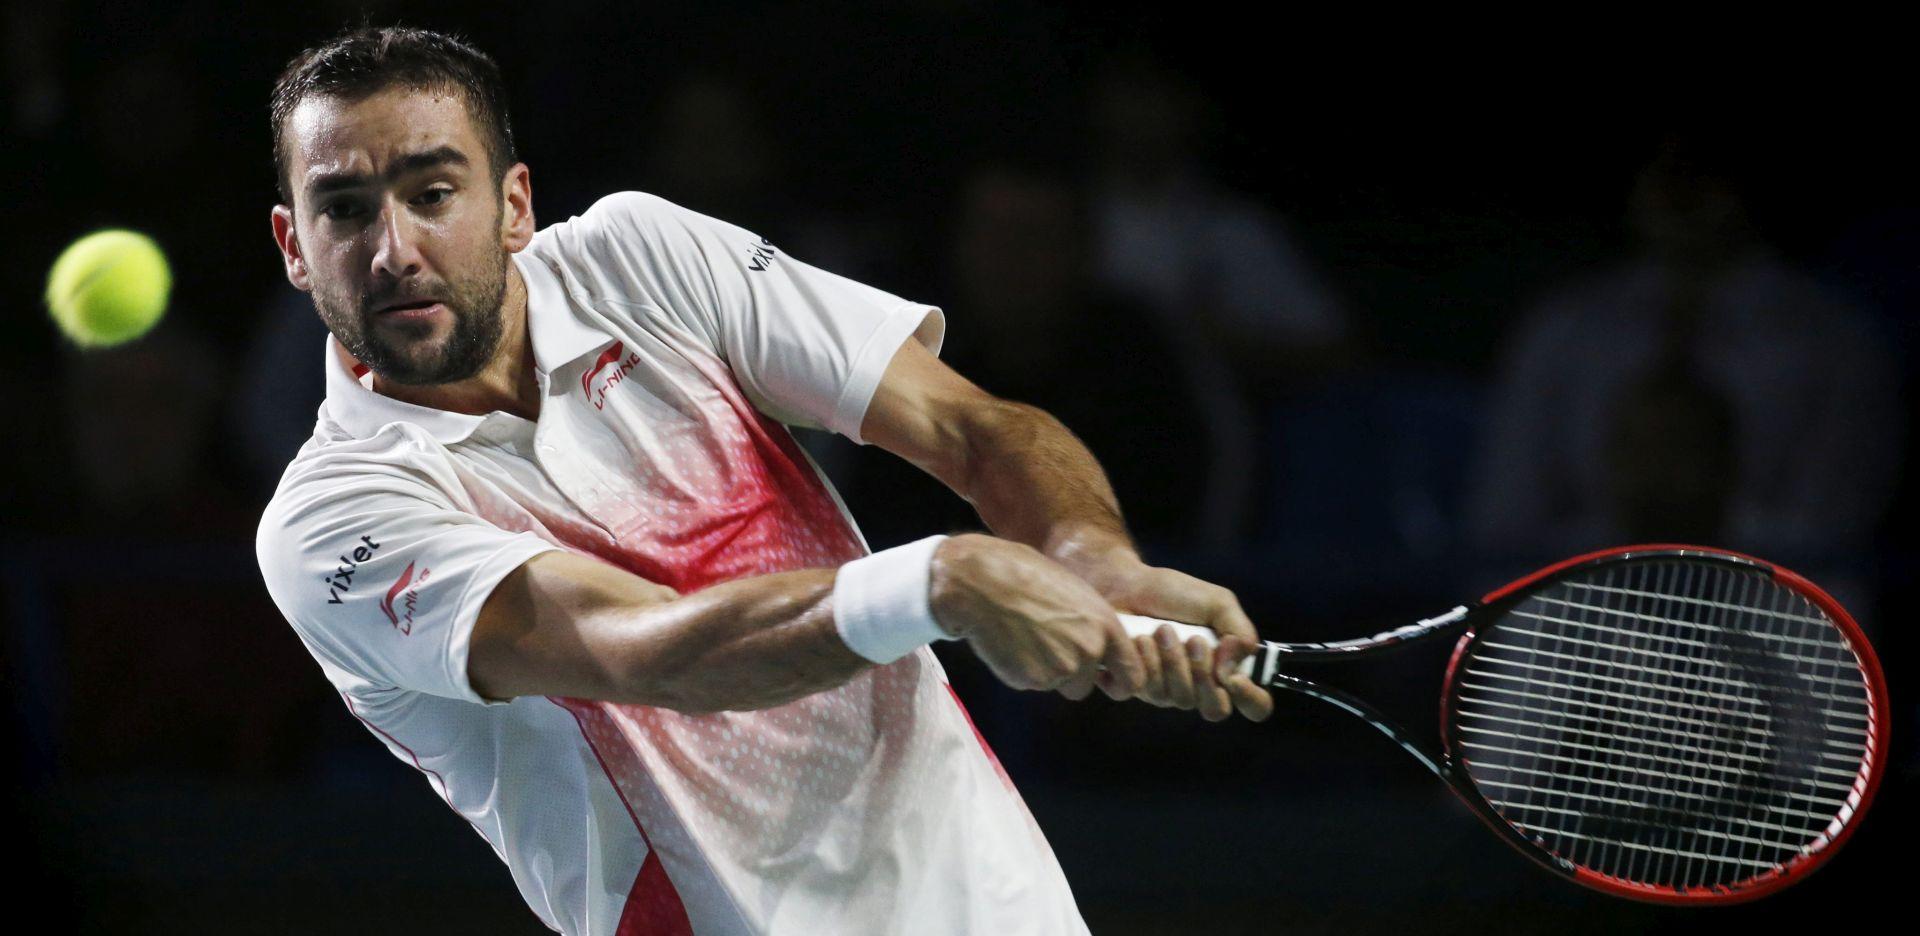 ATP MOSKVA Čilić za 90 minuta obranio naslov prvaka u reprizi prošlogodišnjeg finala